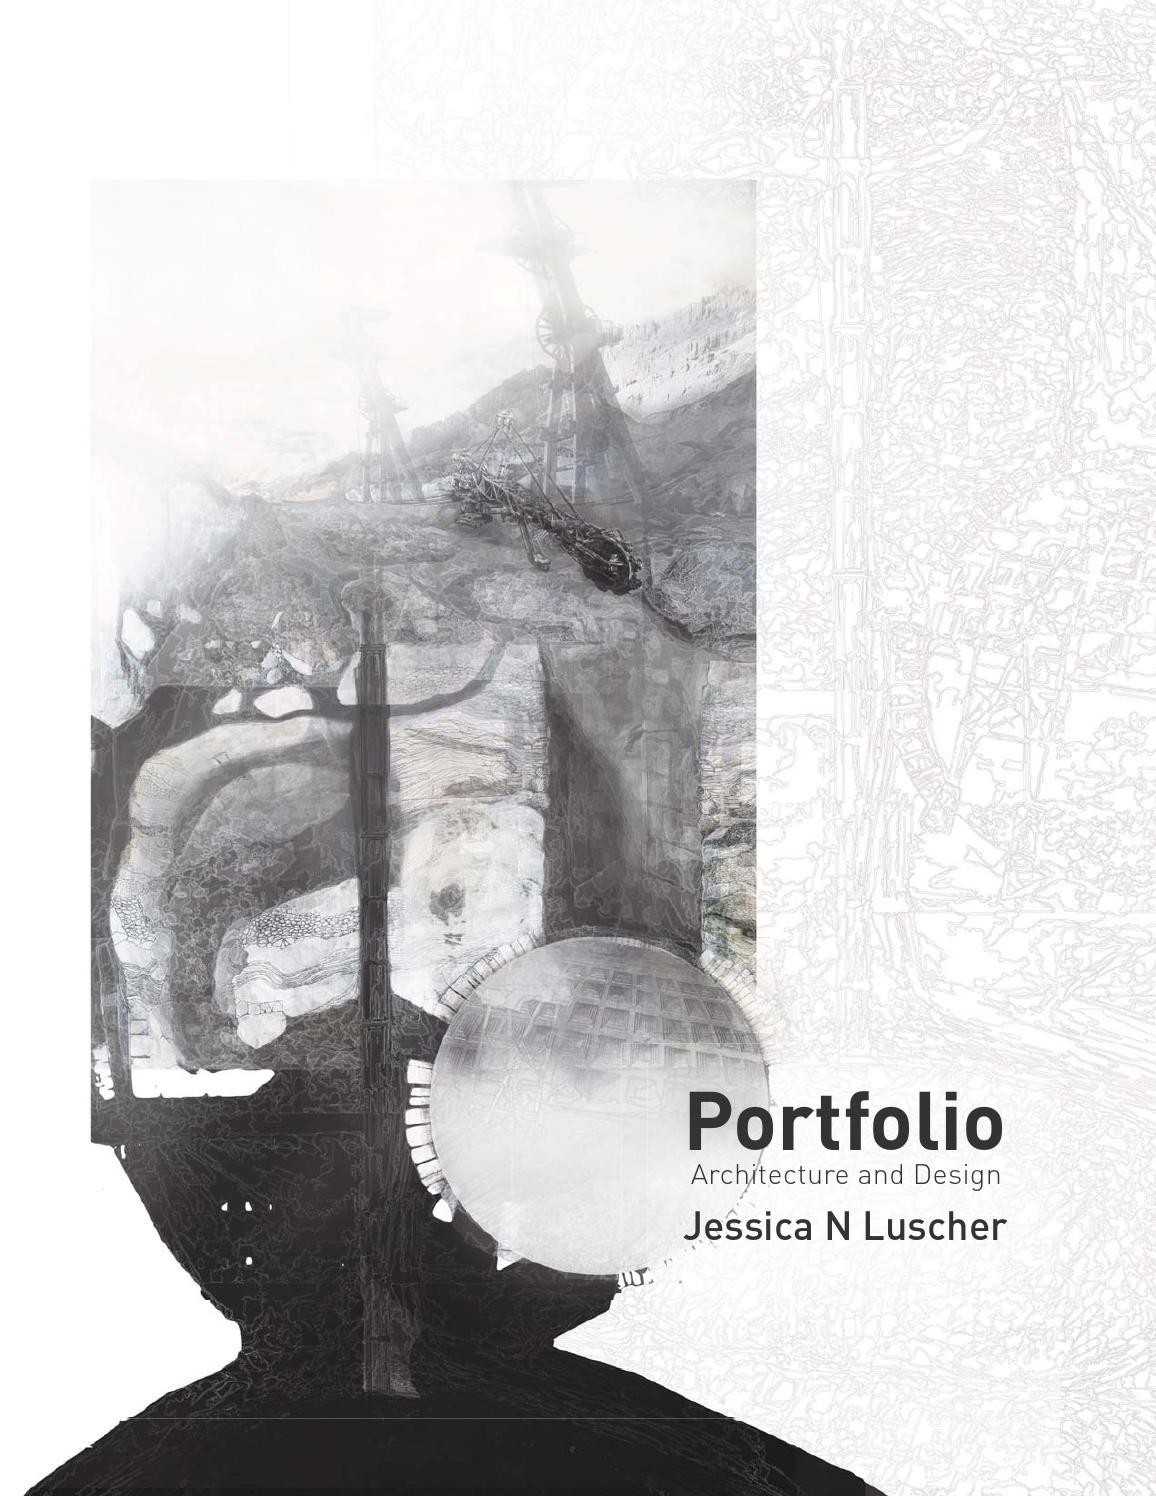 Jessica N Luscher Risd Barch Portfolio July 2014 By Jessica Luscher Issuu